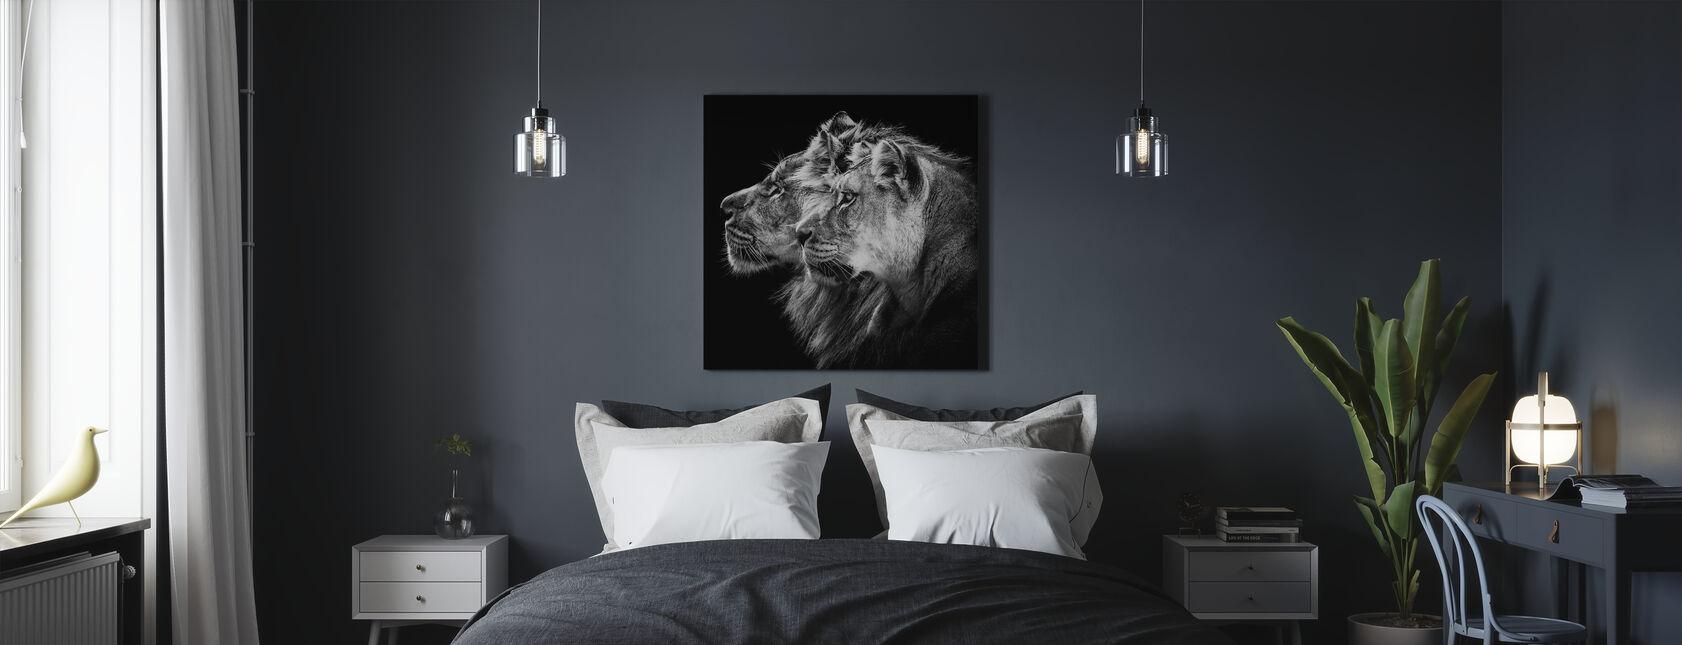 Løve Og Løvinne Portrett - Lerretsbilde - Soverom